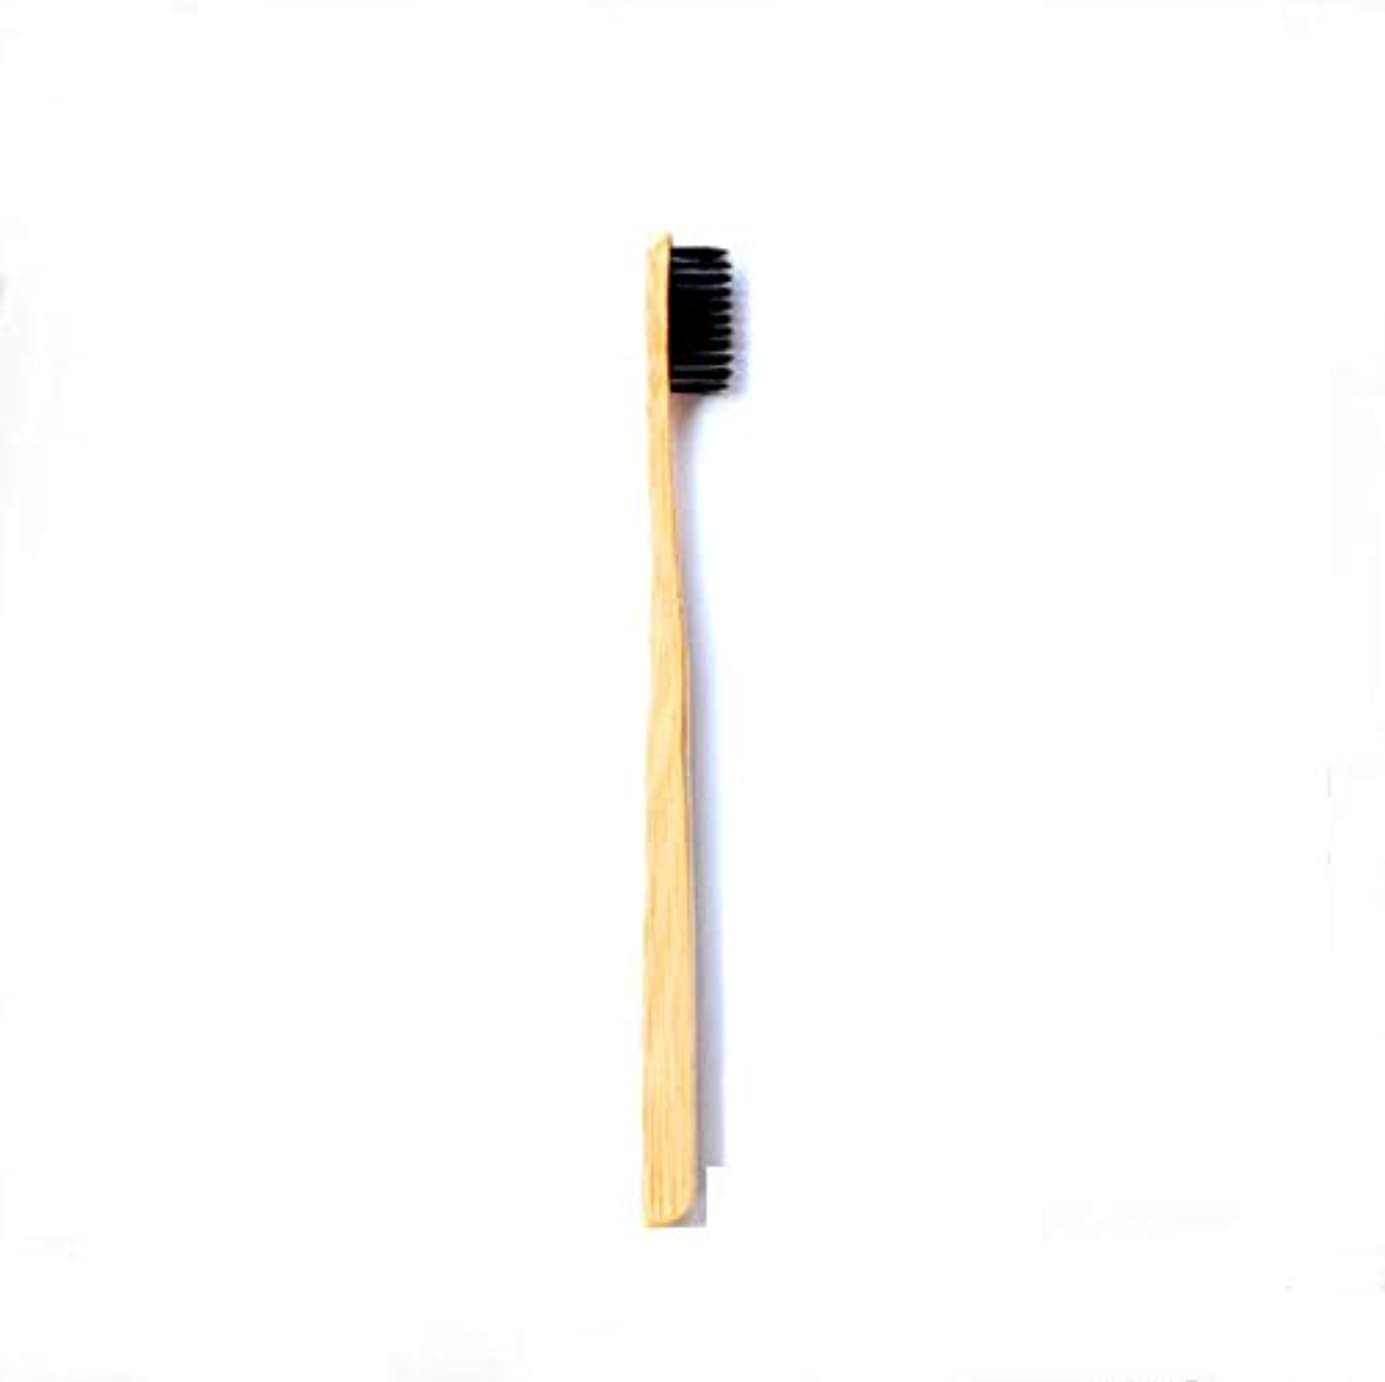 ディスカウント欺く不当柔らかい毛が付いている5Pcs 竹の歯ブラシの有機性環境に優しい自然な竹の歯ブラシ